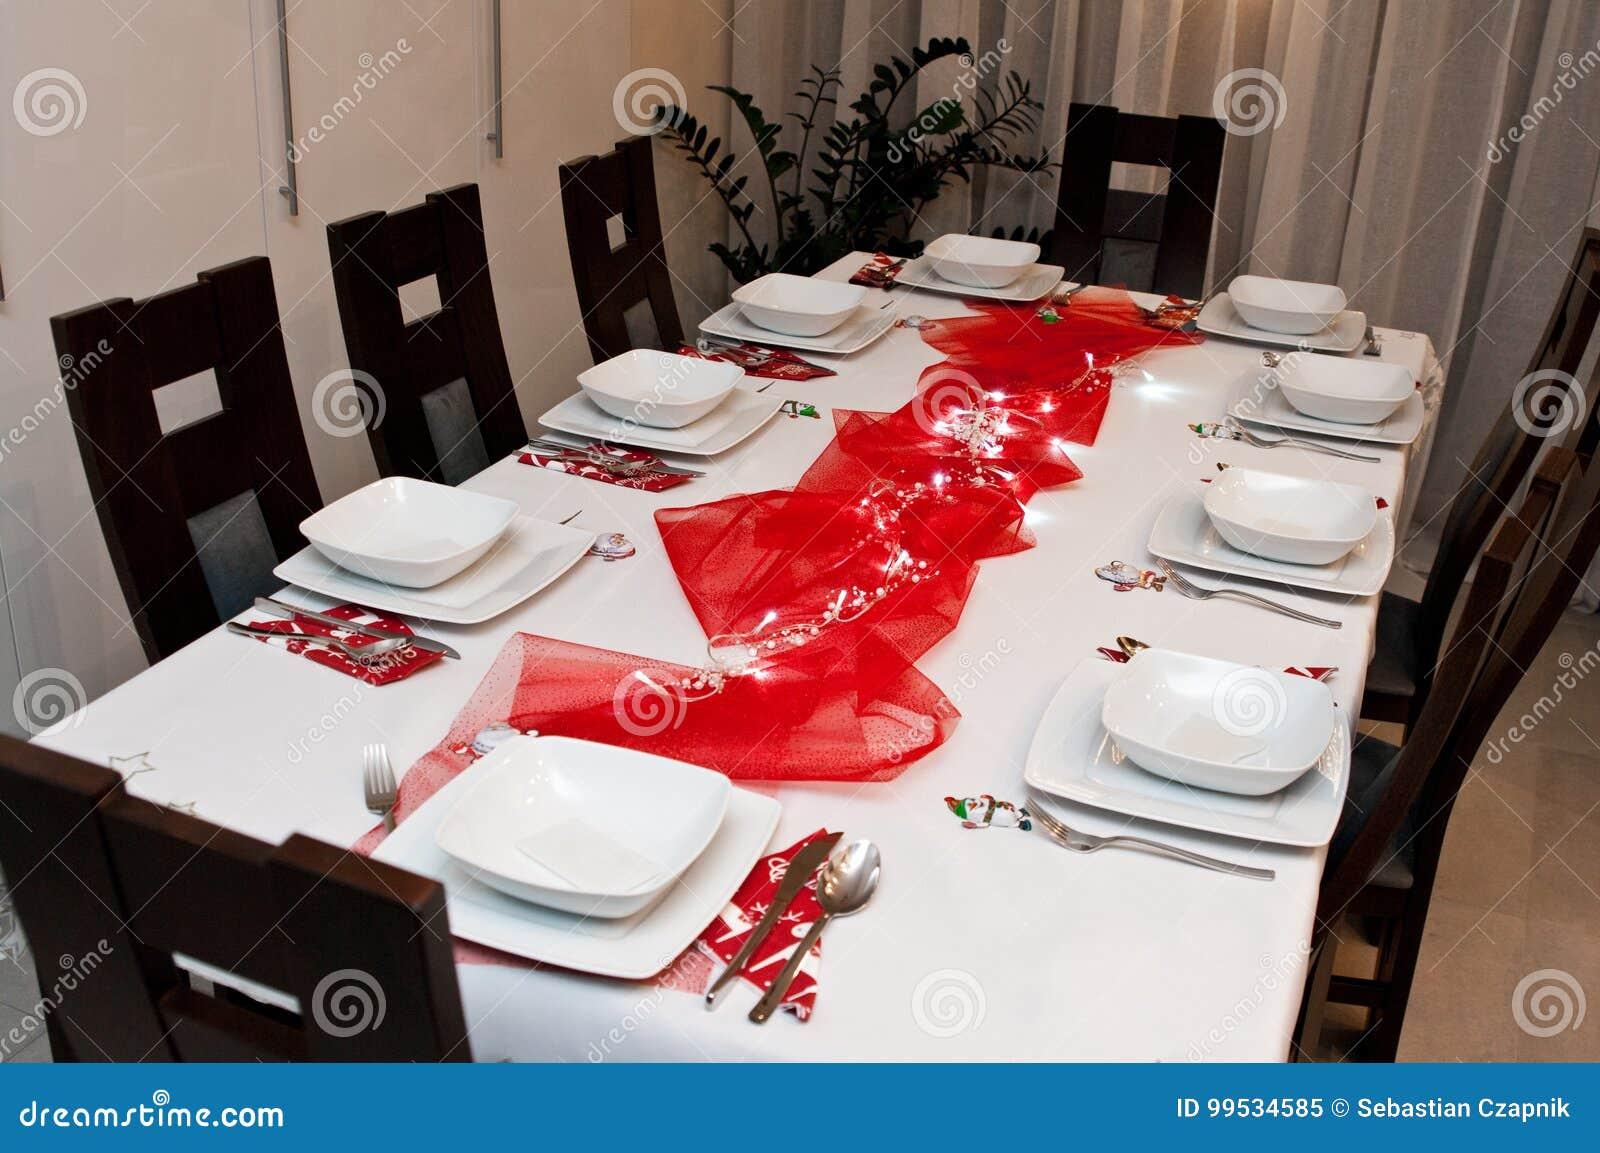 Decorazioni Da Tavola Per Natale : Regolazione della tavola di natale con i piatti bianchi e le